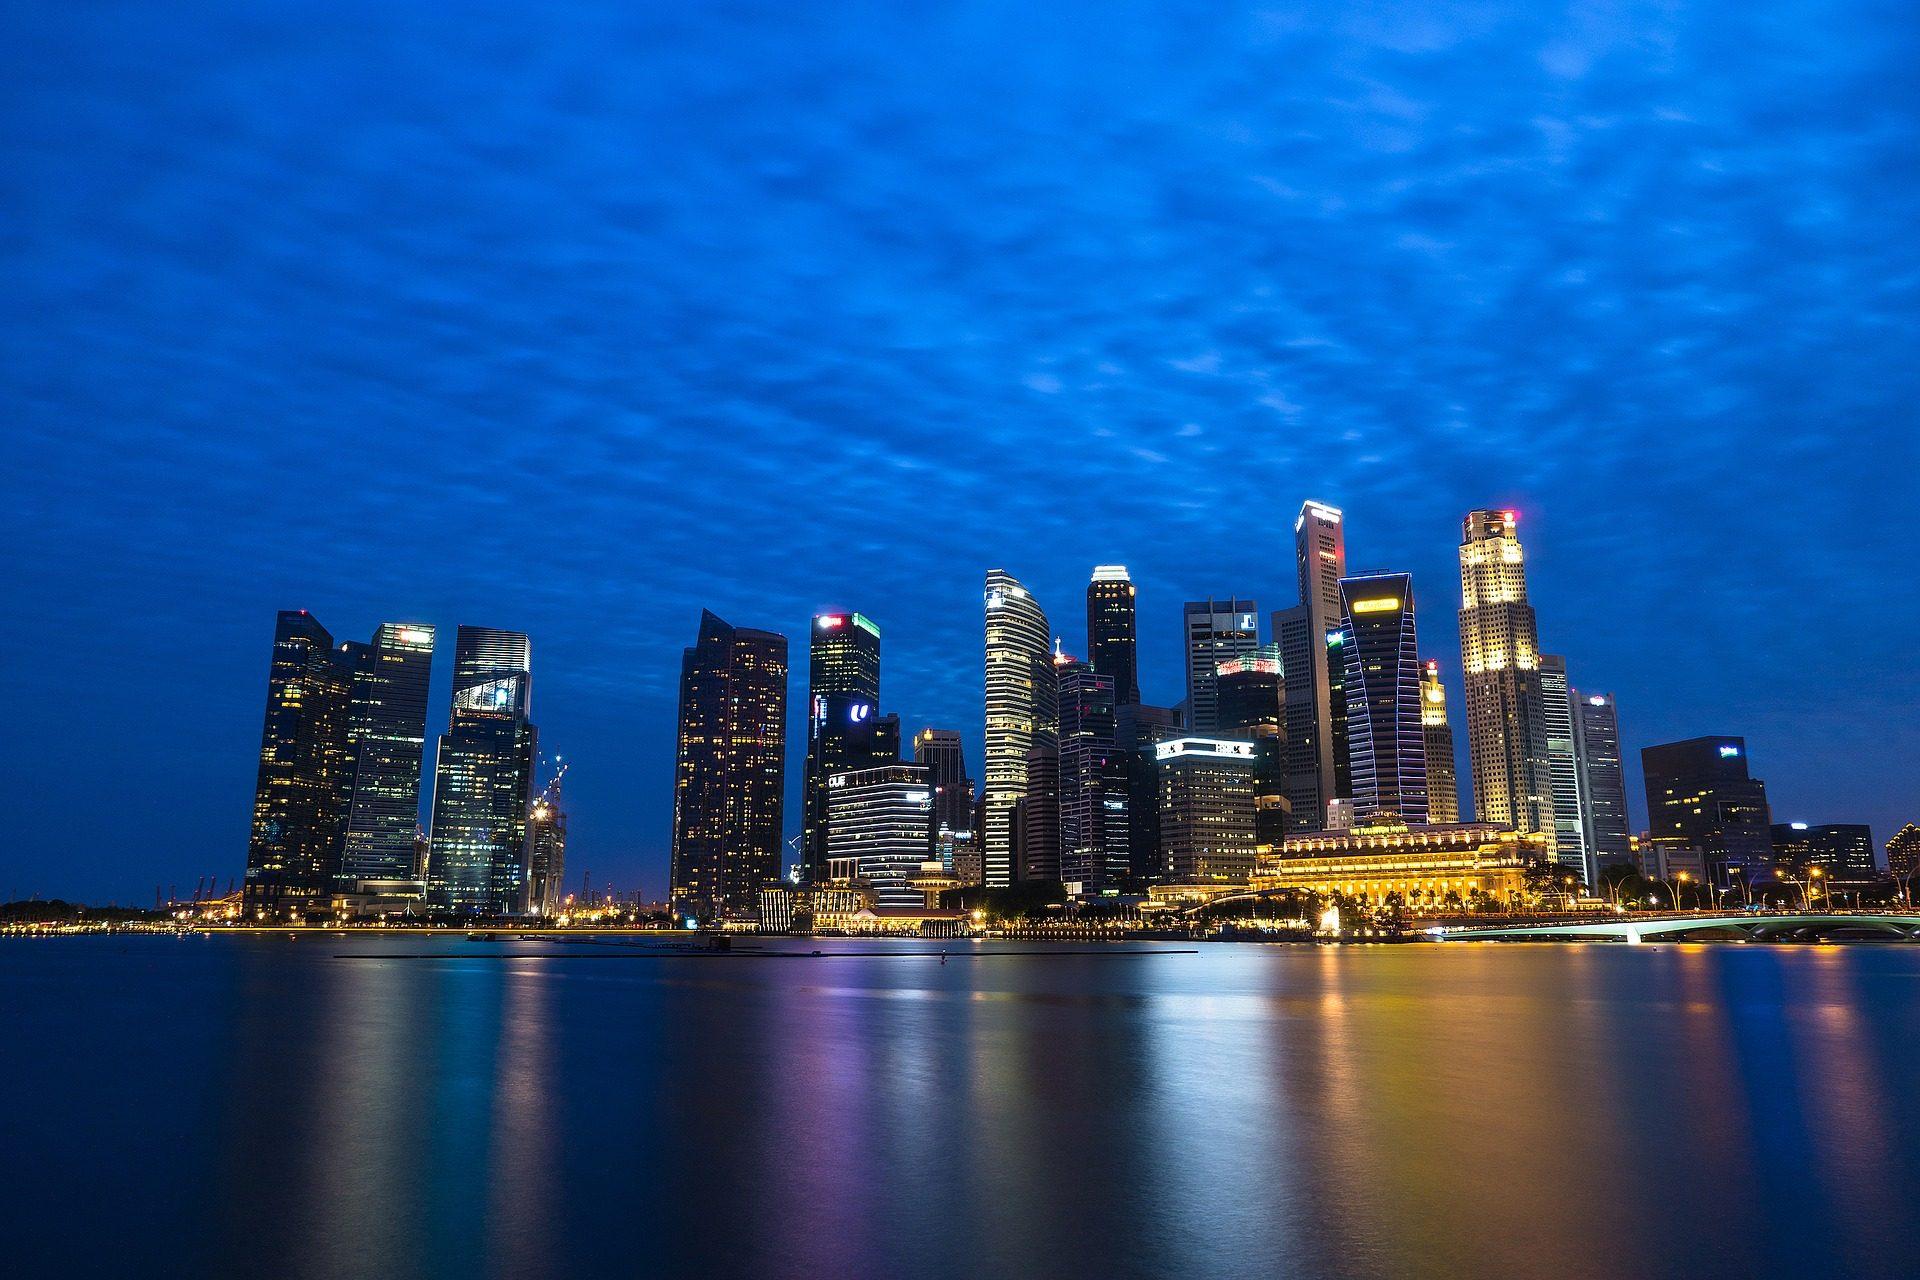 مدينة, المباني, ناطحة سحاب, أفق, ليلة, أضواء, سنغافورة - خلفيات عالية الدقة - أستاذ falken.com